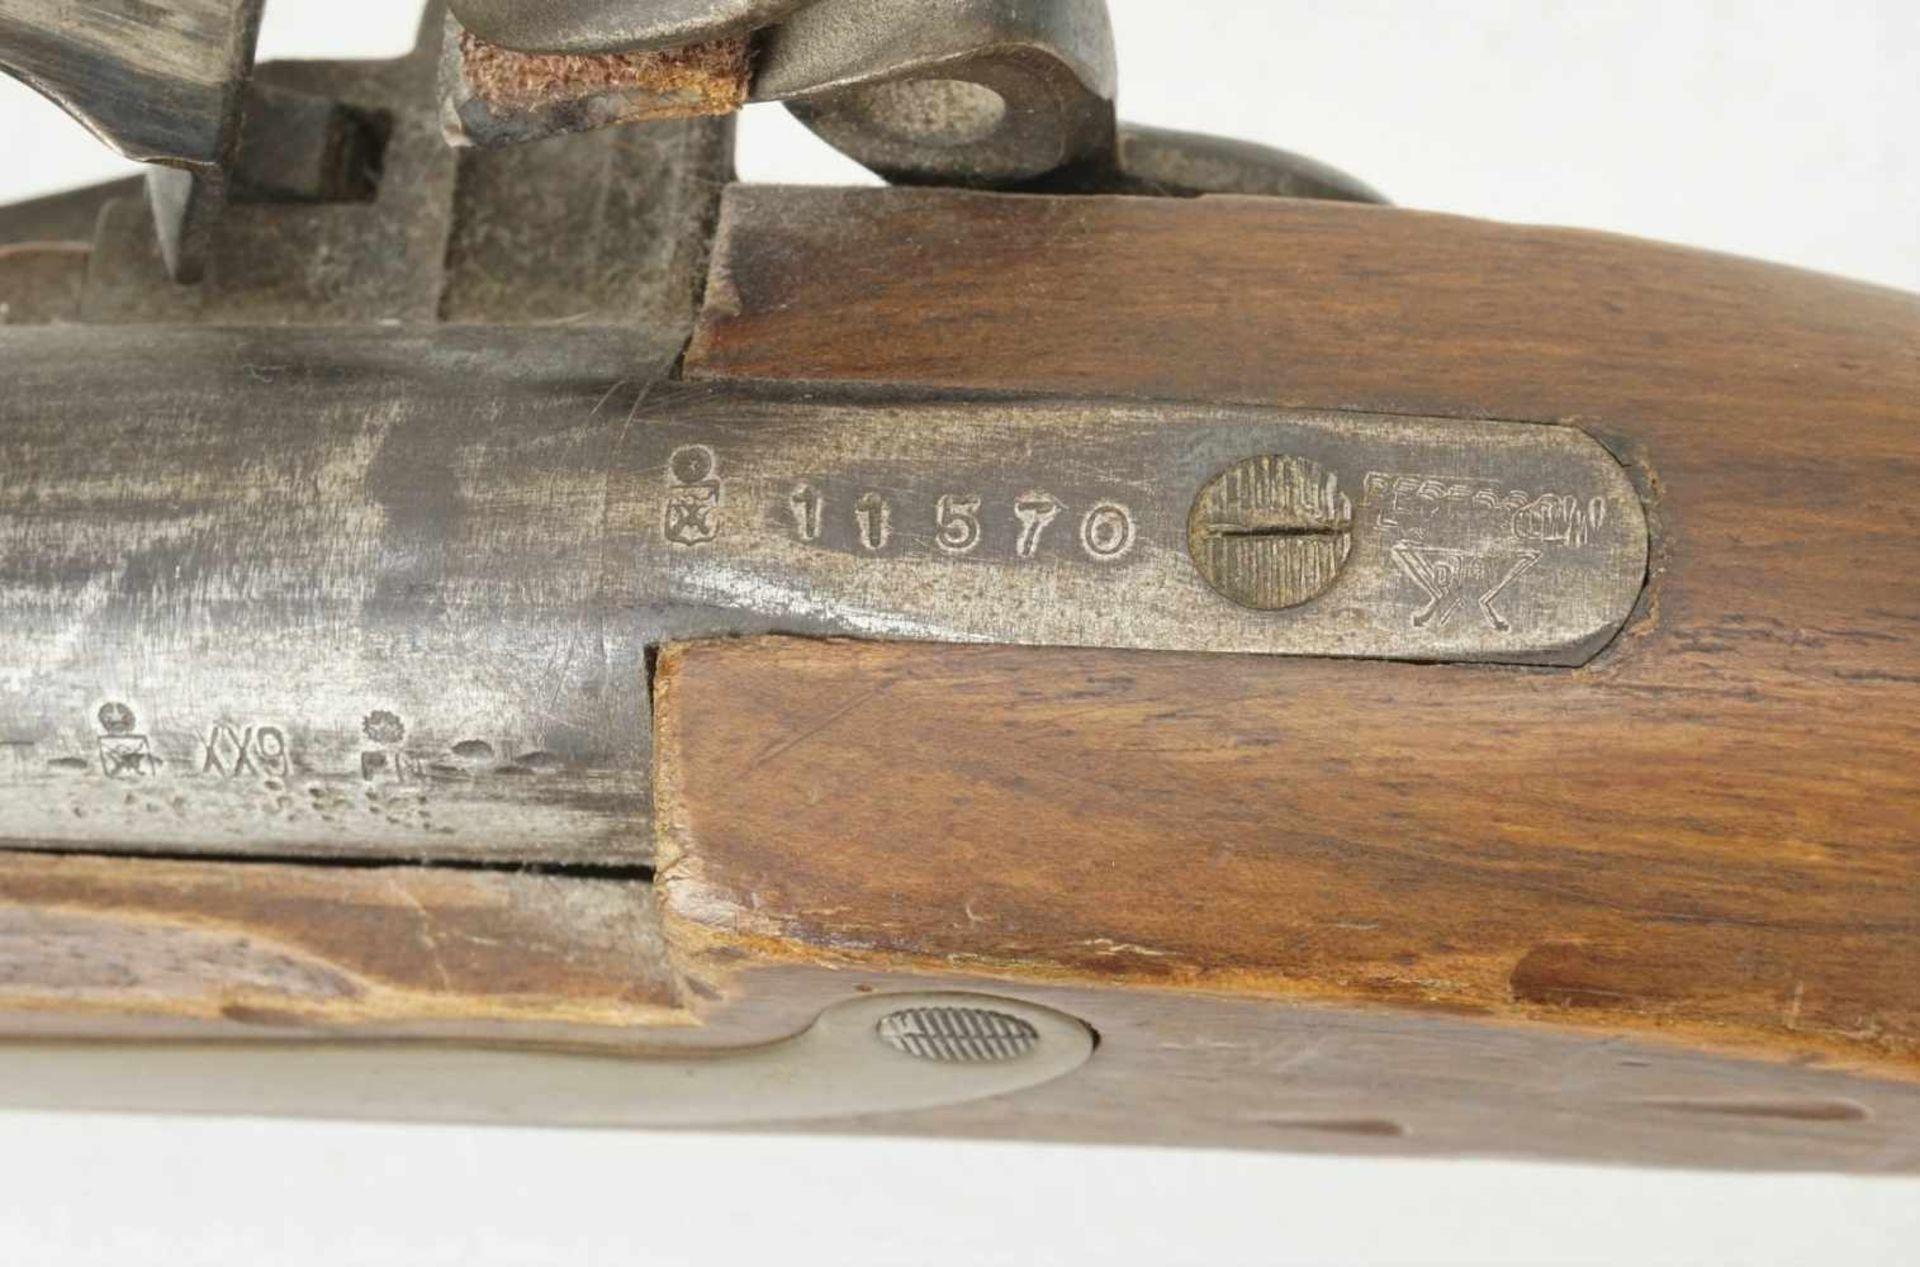 Steinschlosspistole Harpers Ferry M 1807 - Bild 4 aus 5